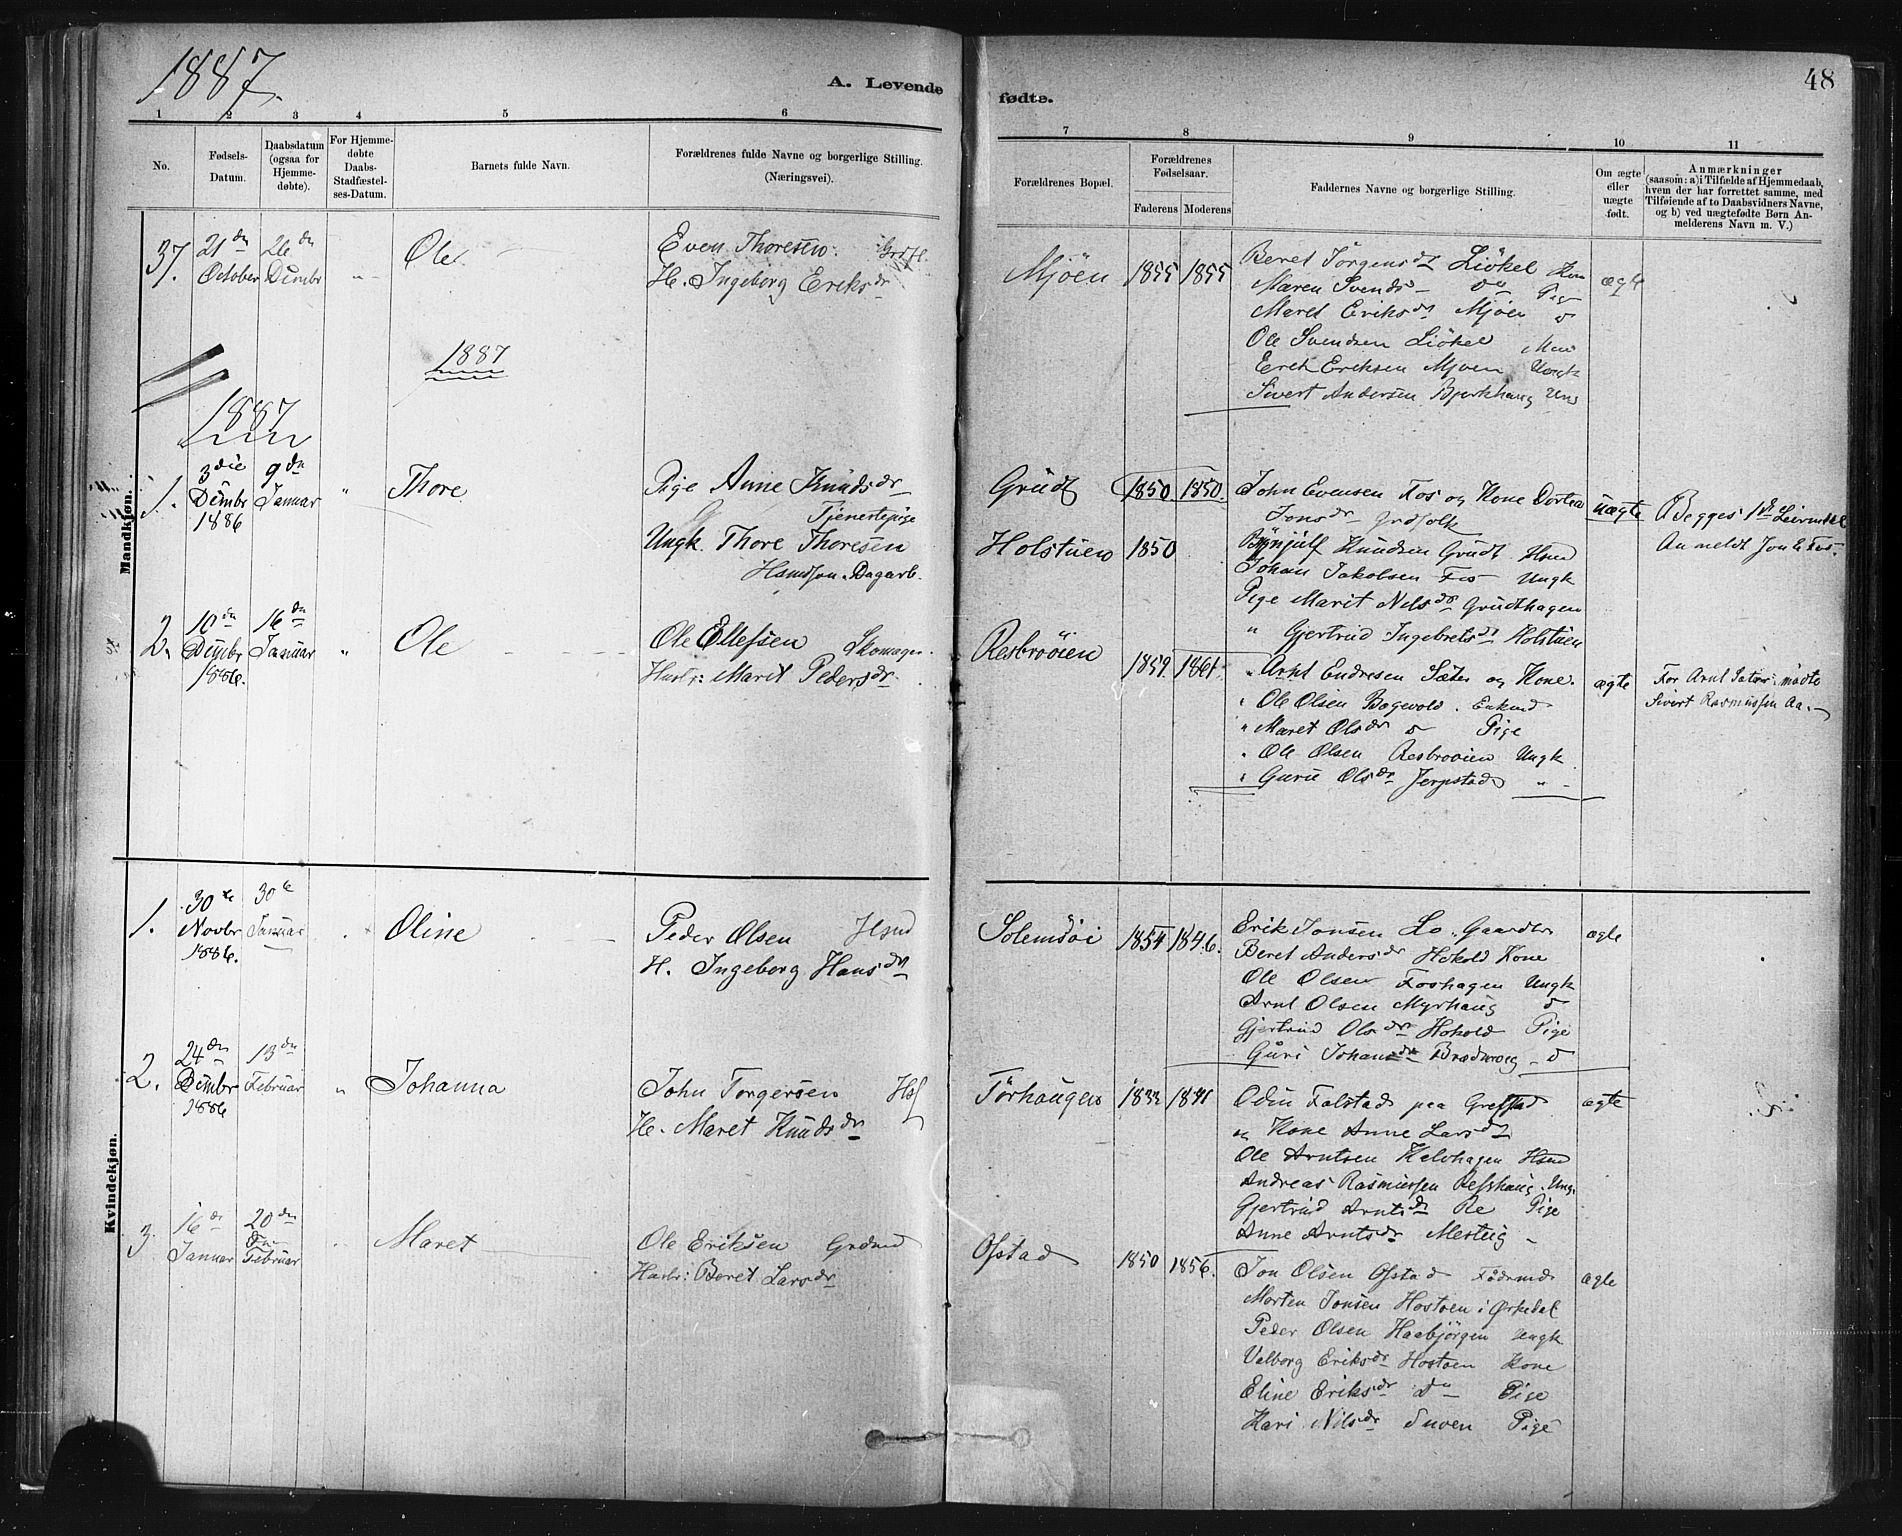 SAT, Ministerialprotokoller, klokkerbøker og fødselsregistre - Sør-Trøndelag, 672/L0857: Ministerialbok nr. 672A09, 1882-1893, s. 48